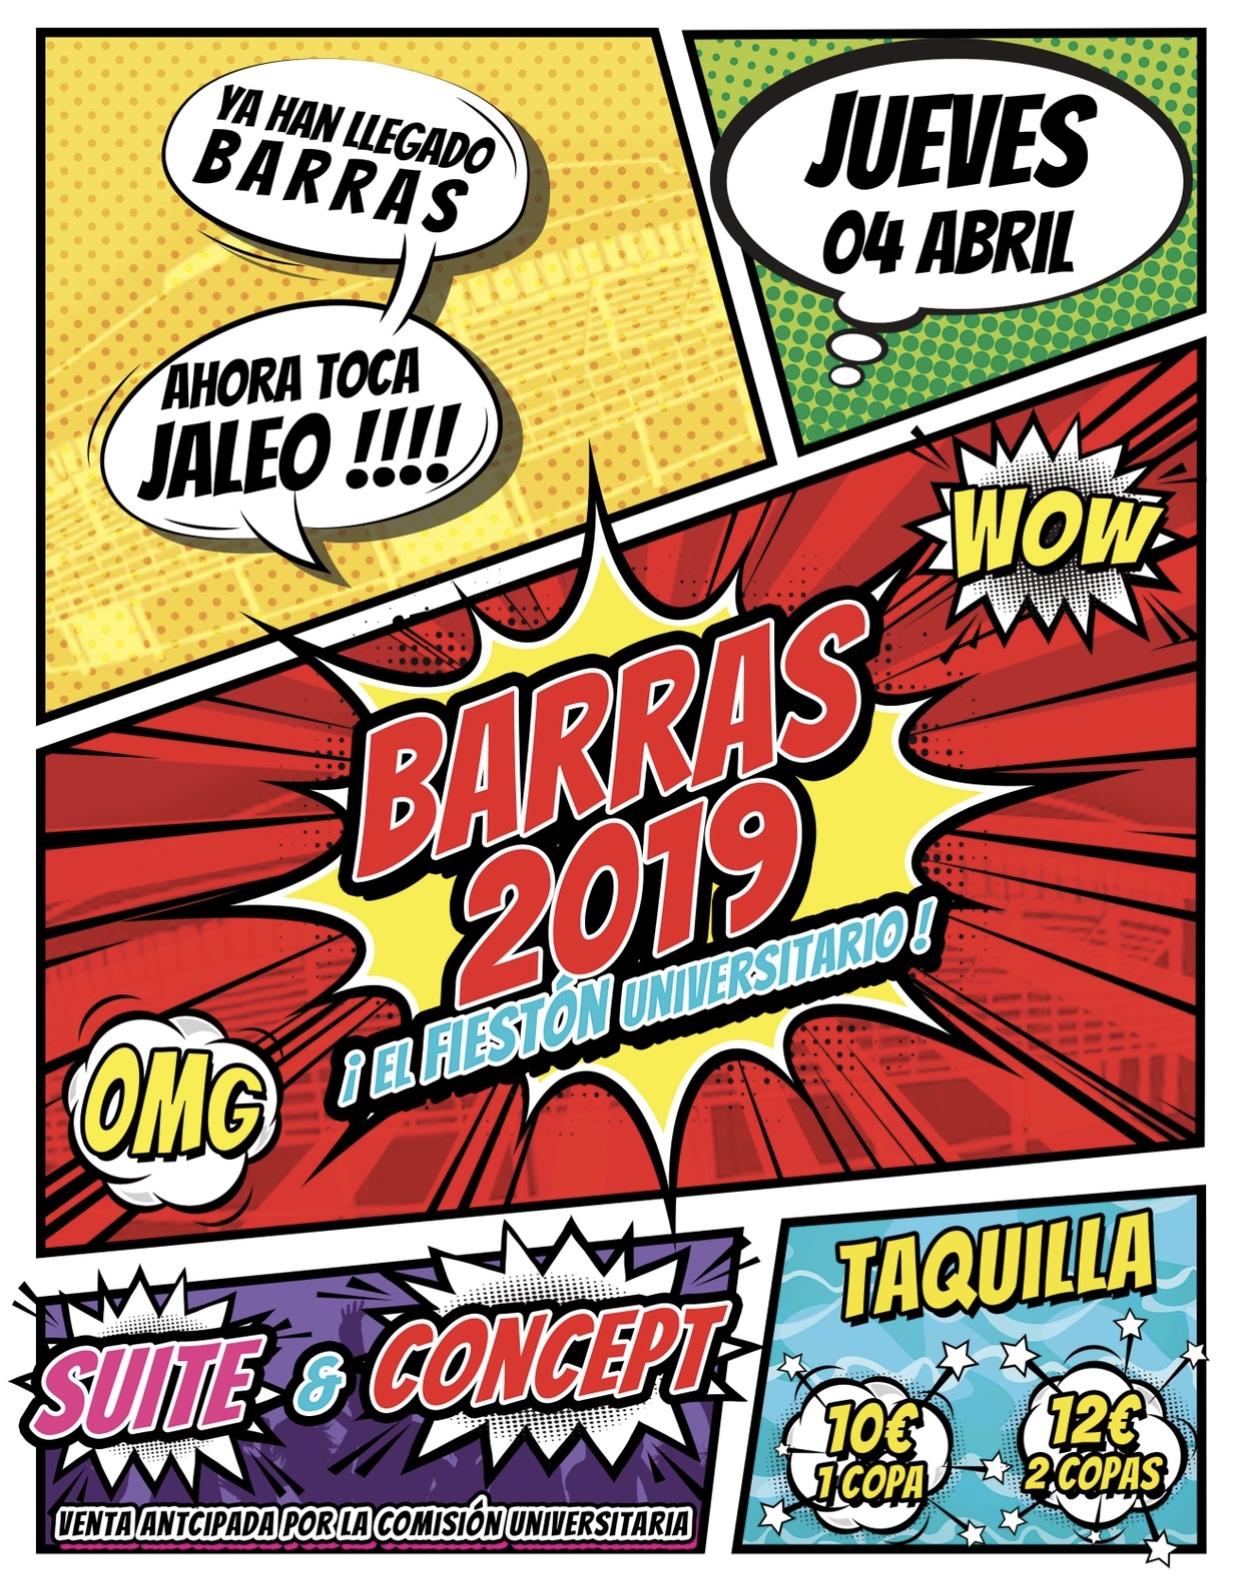 Barras 2019